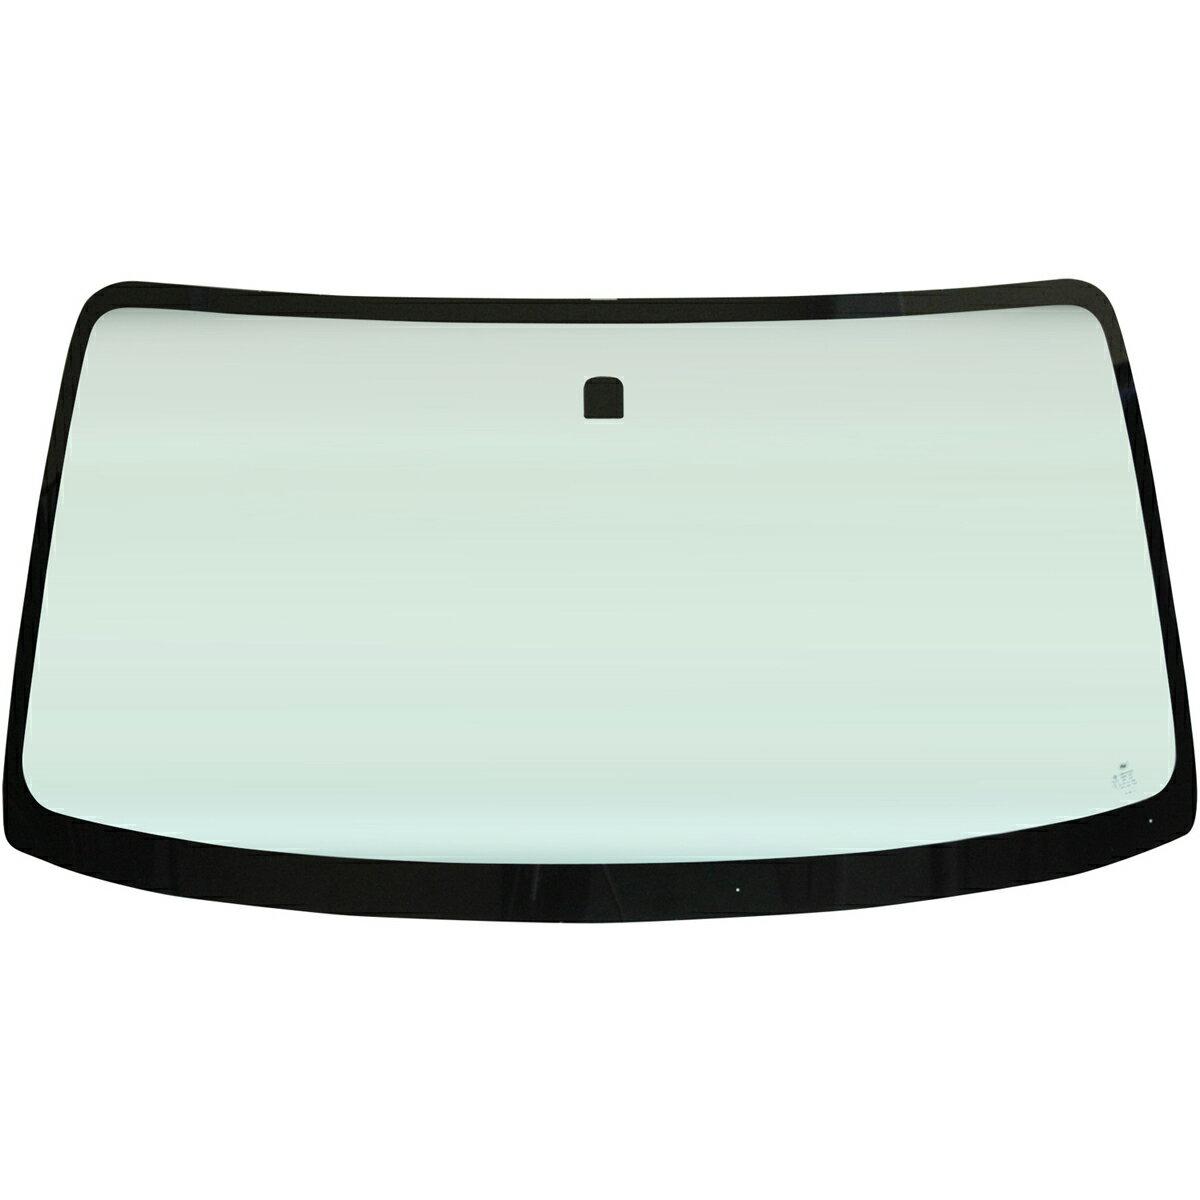 ホンダ ビート 2D オープンCP用フロントガラス 車両型式:PP1 年式:H.3.5-H.9.2 ガラス型式:SS1 ガラス色:グリーン